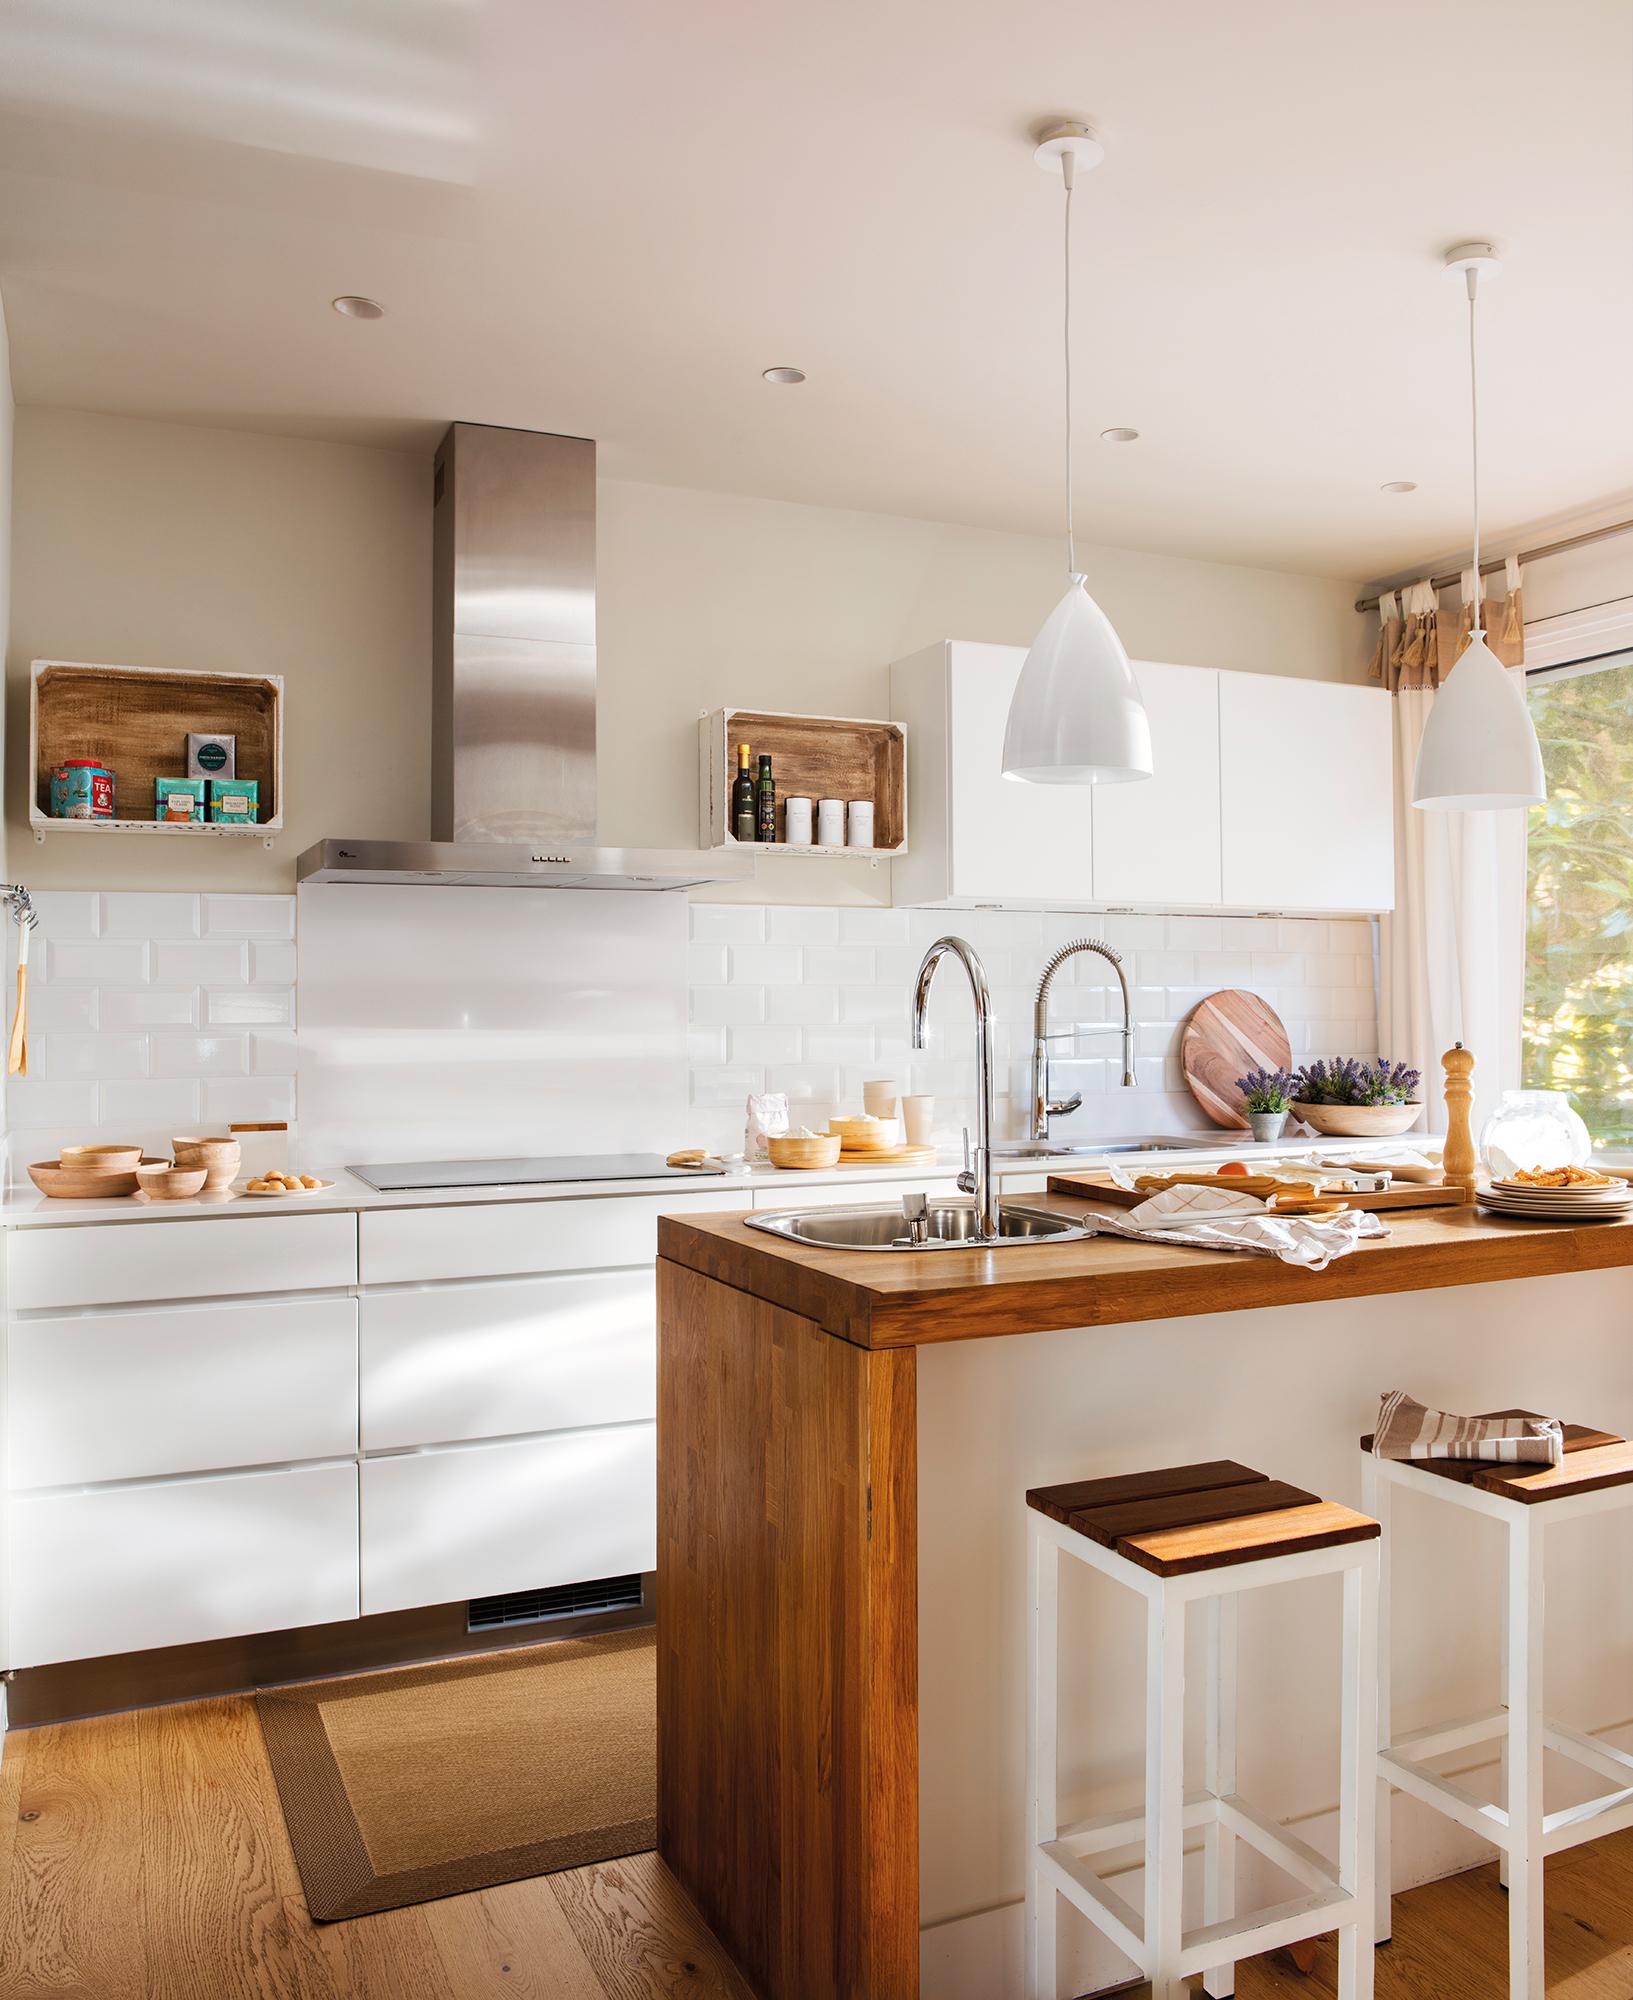 Trucos para elegir las l mparas del hogar el mueble for Muebles de cocina modernos con isla